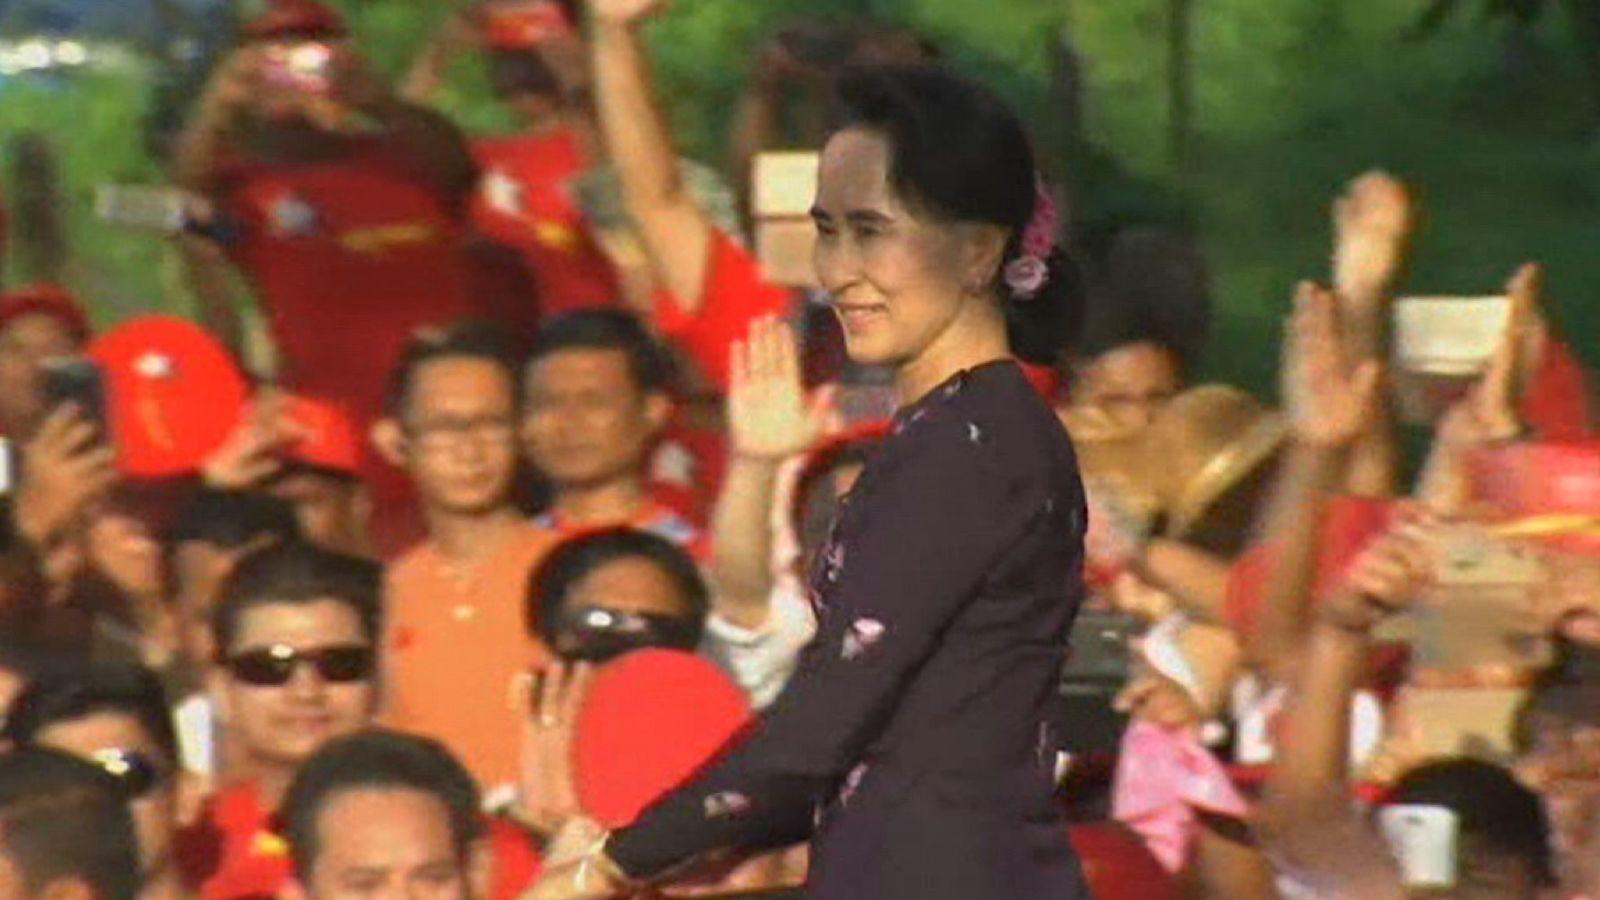 Aung San Suu Kyi a reçu des critiques pour n'avoir apparemment pas parler de la persécution de la population musulmane Rohingya au Myanmar